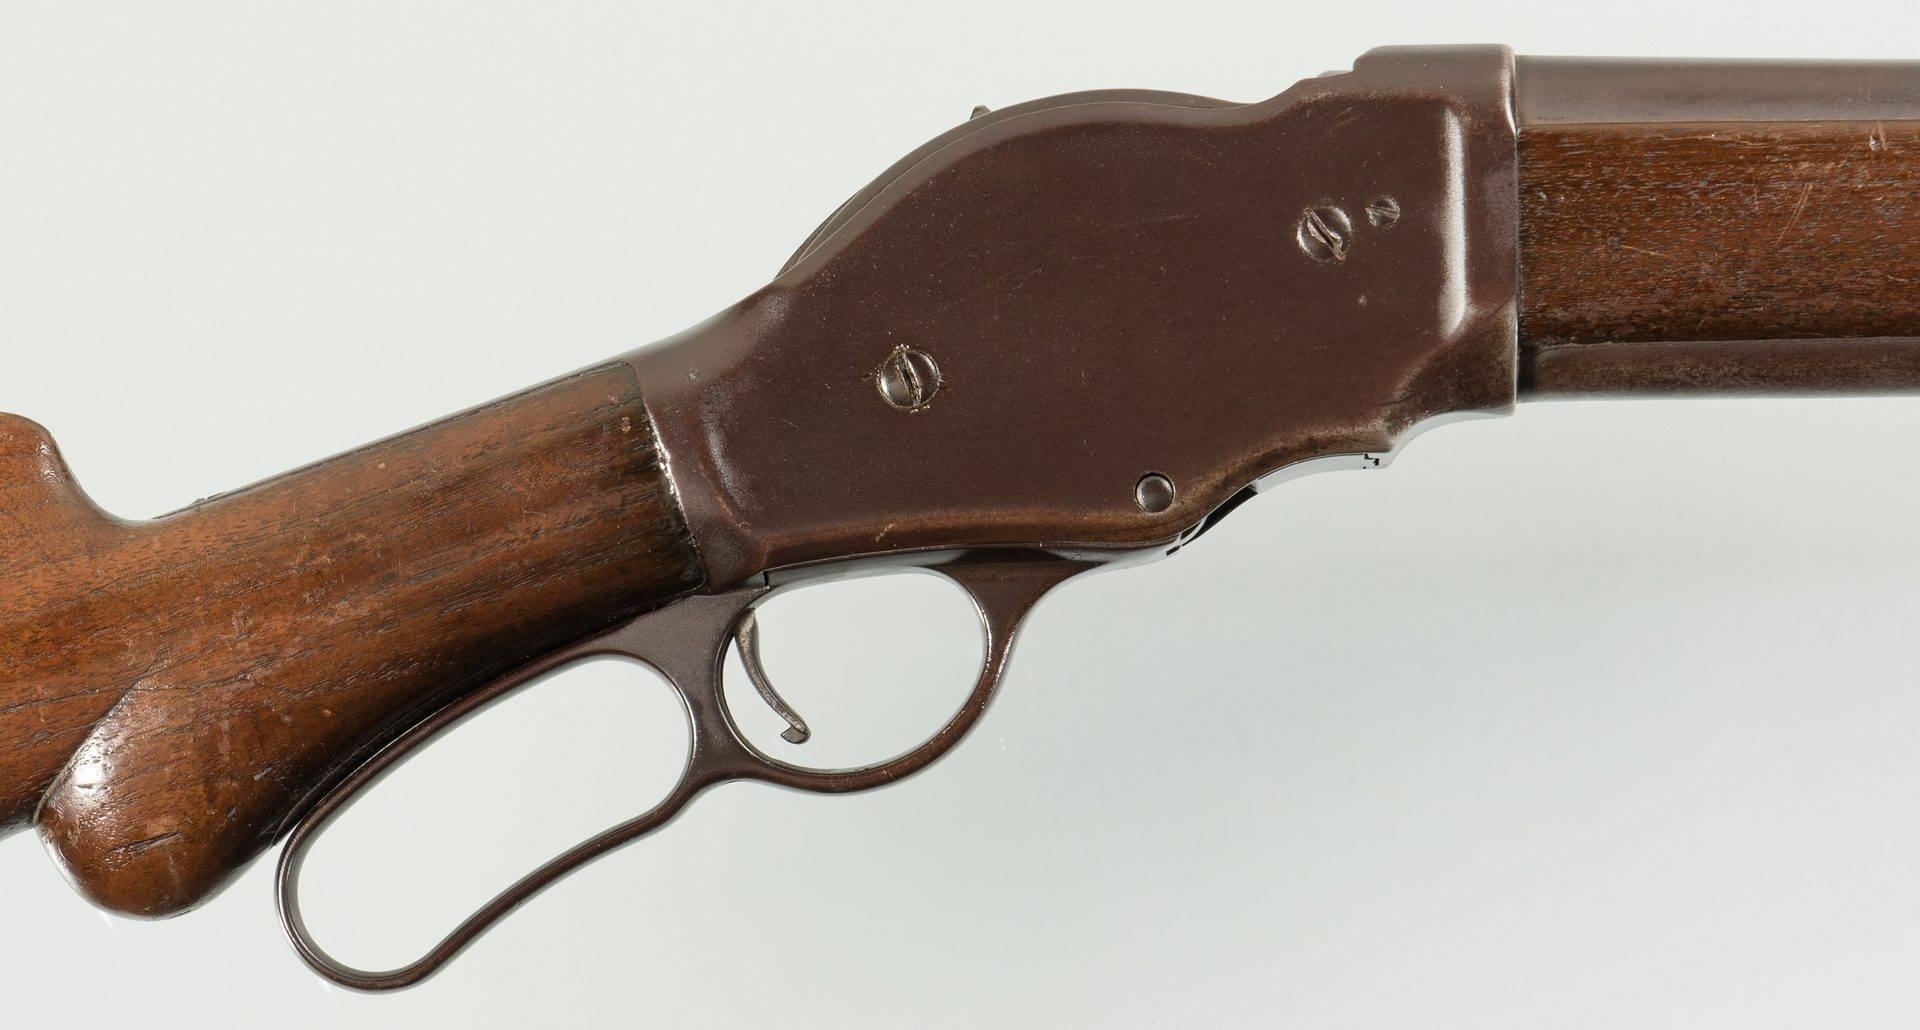 Гладкоствольное ружье винчестер 1887